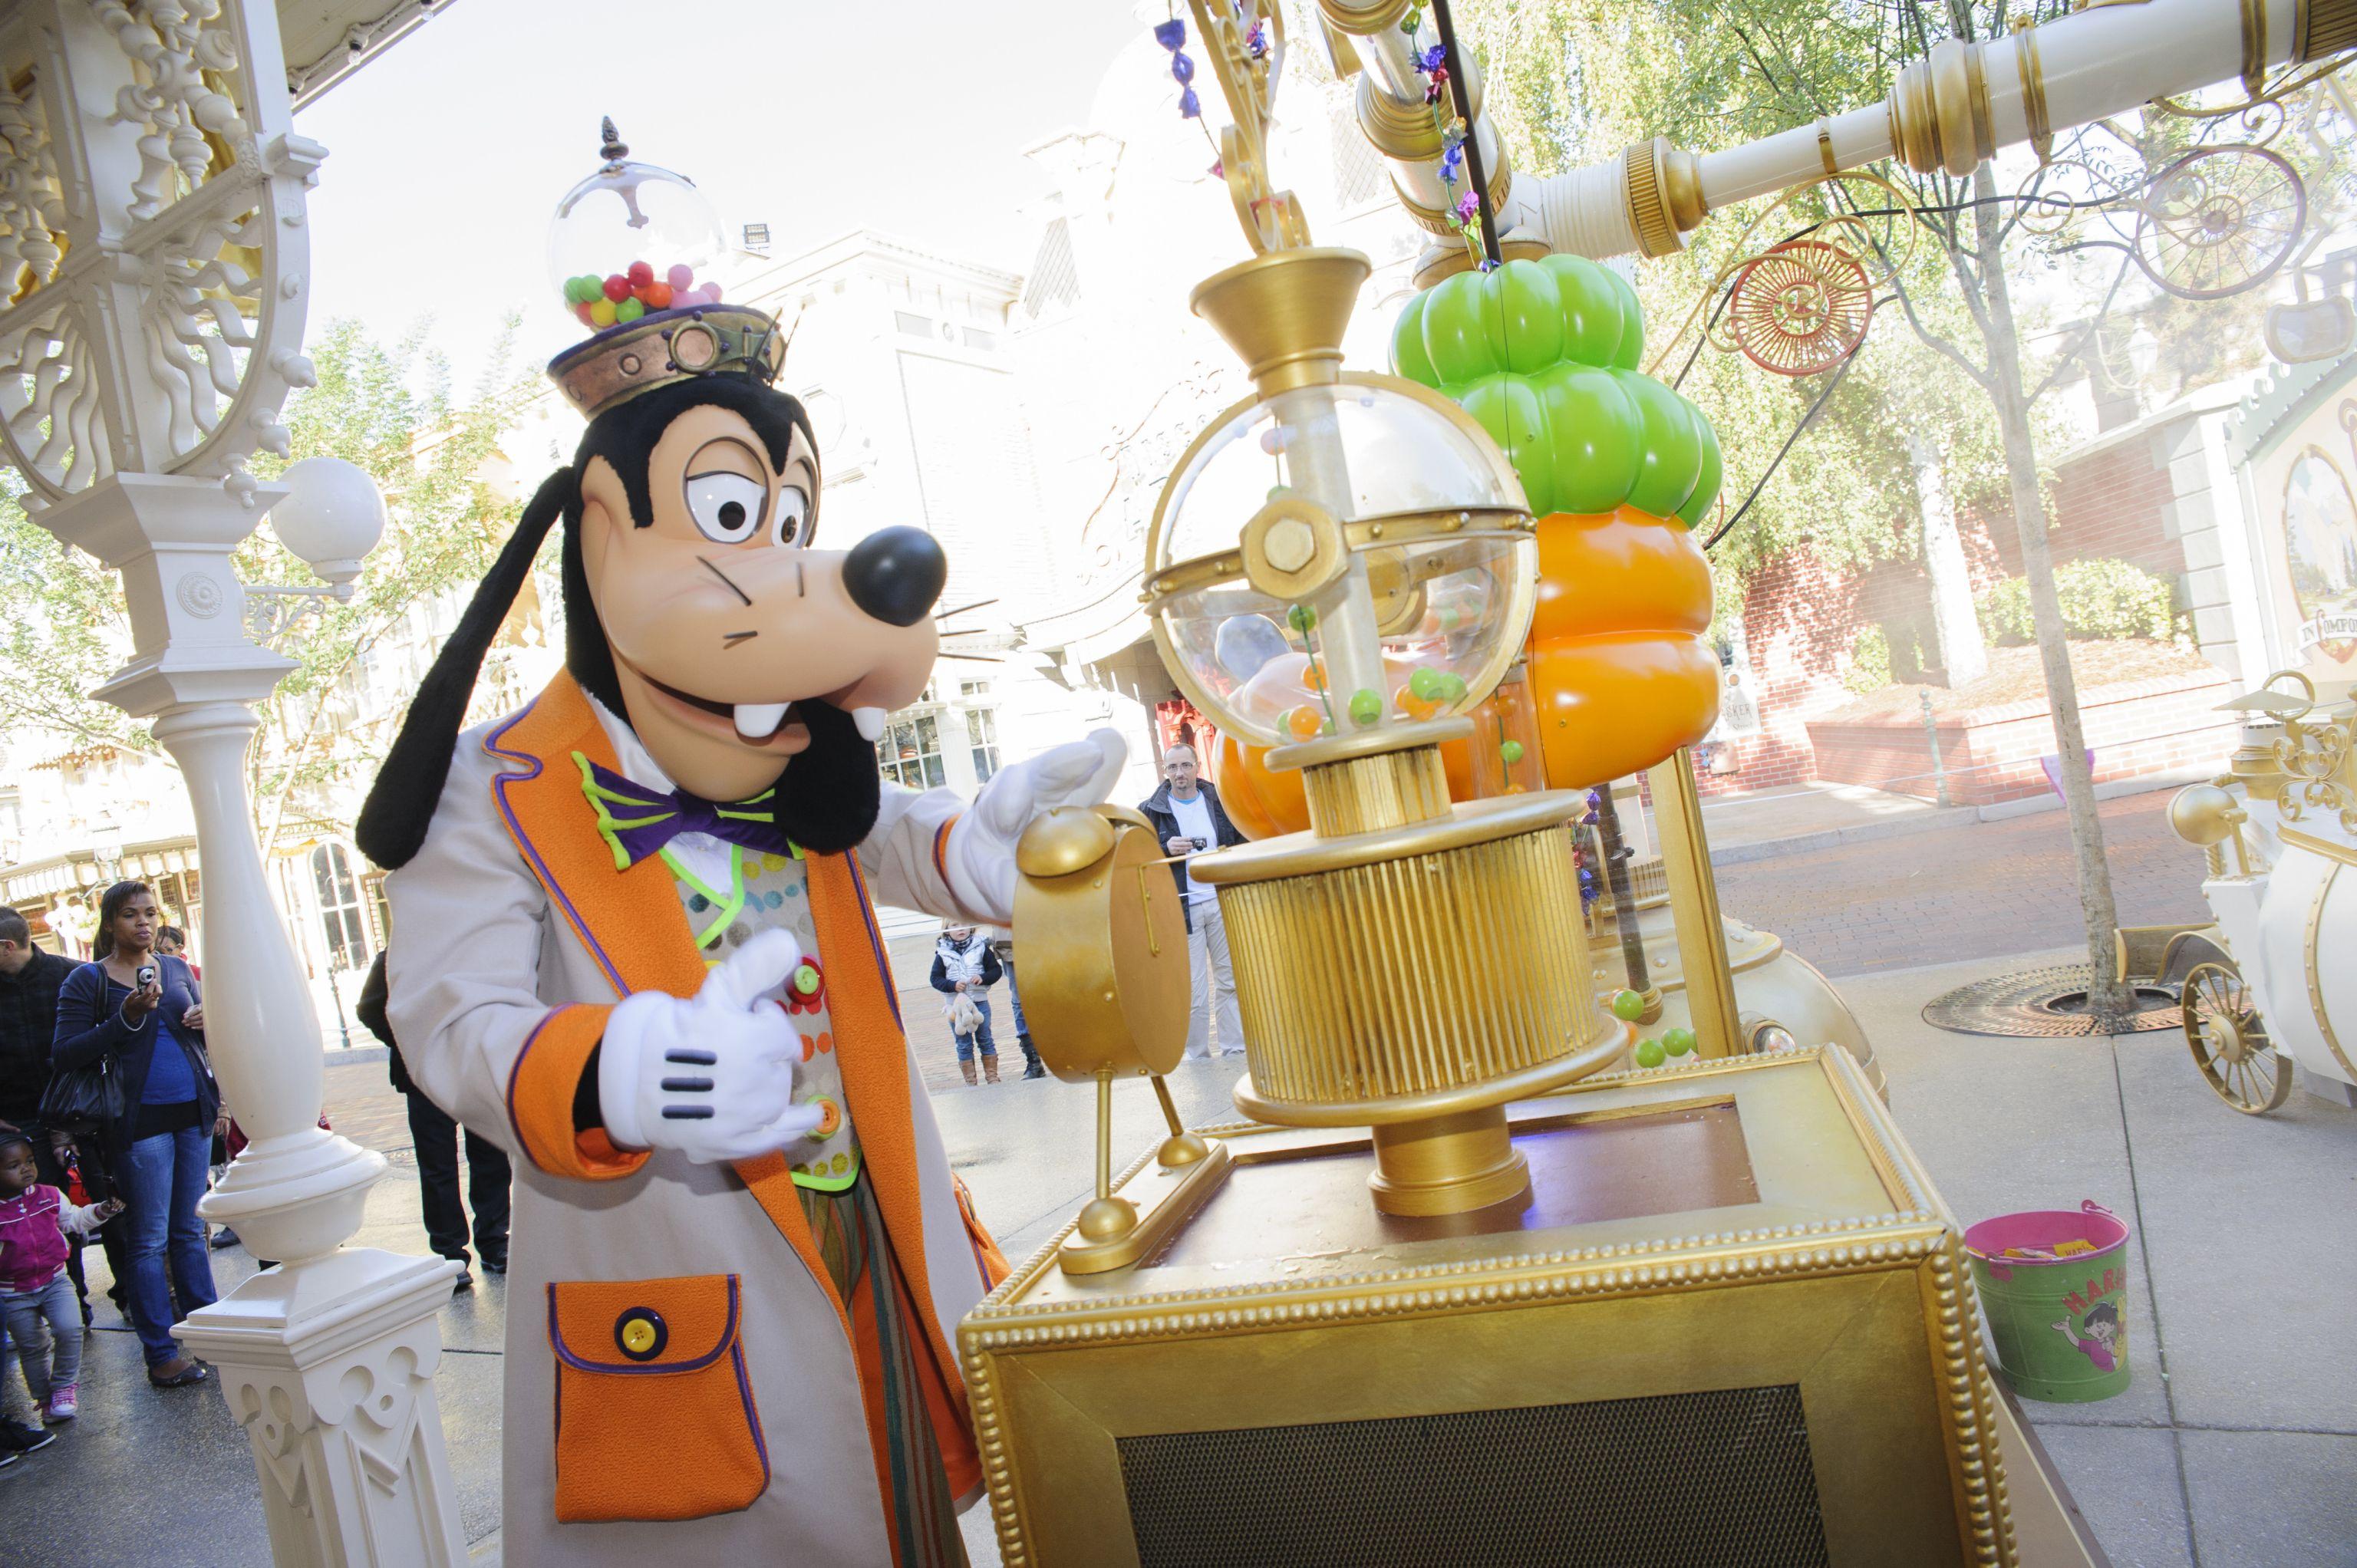 Spooky Goings Halloween Disneyland Paris